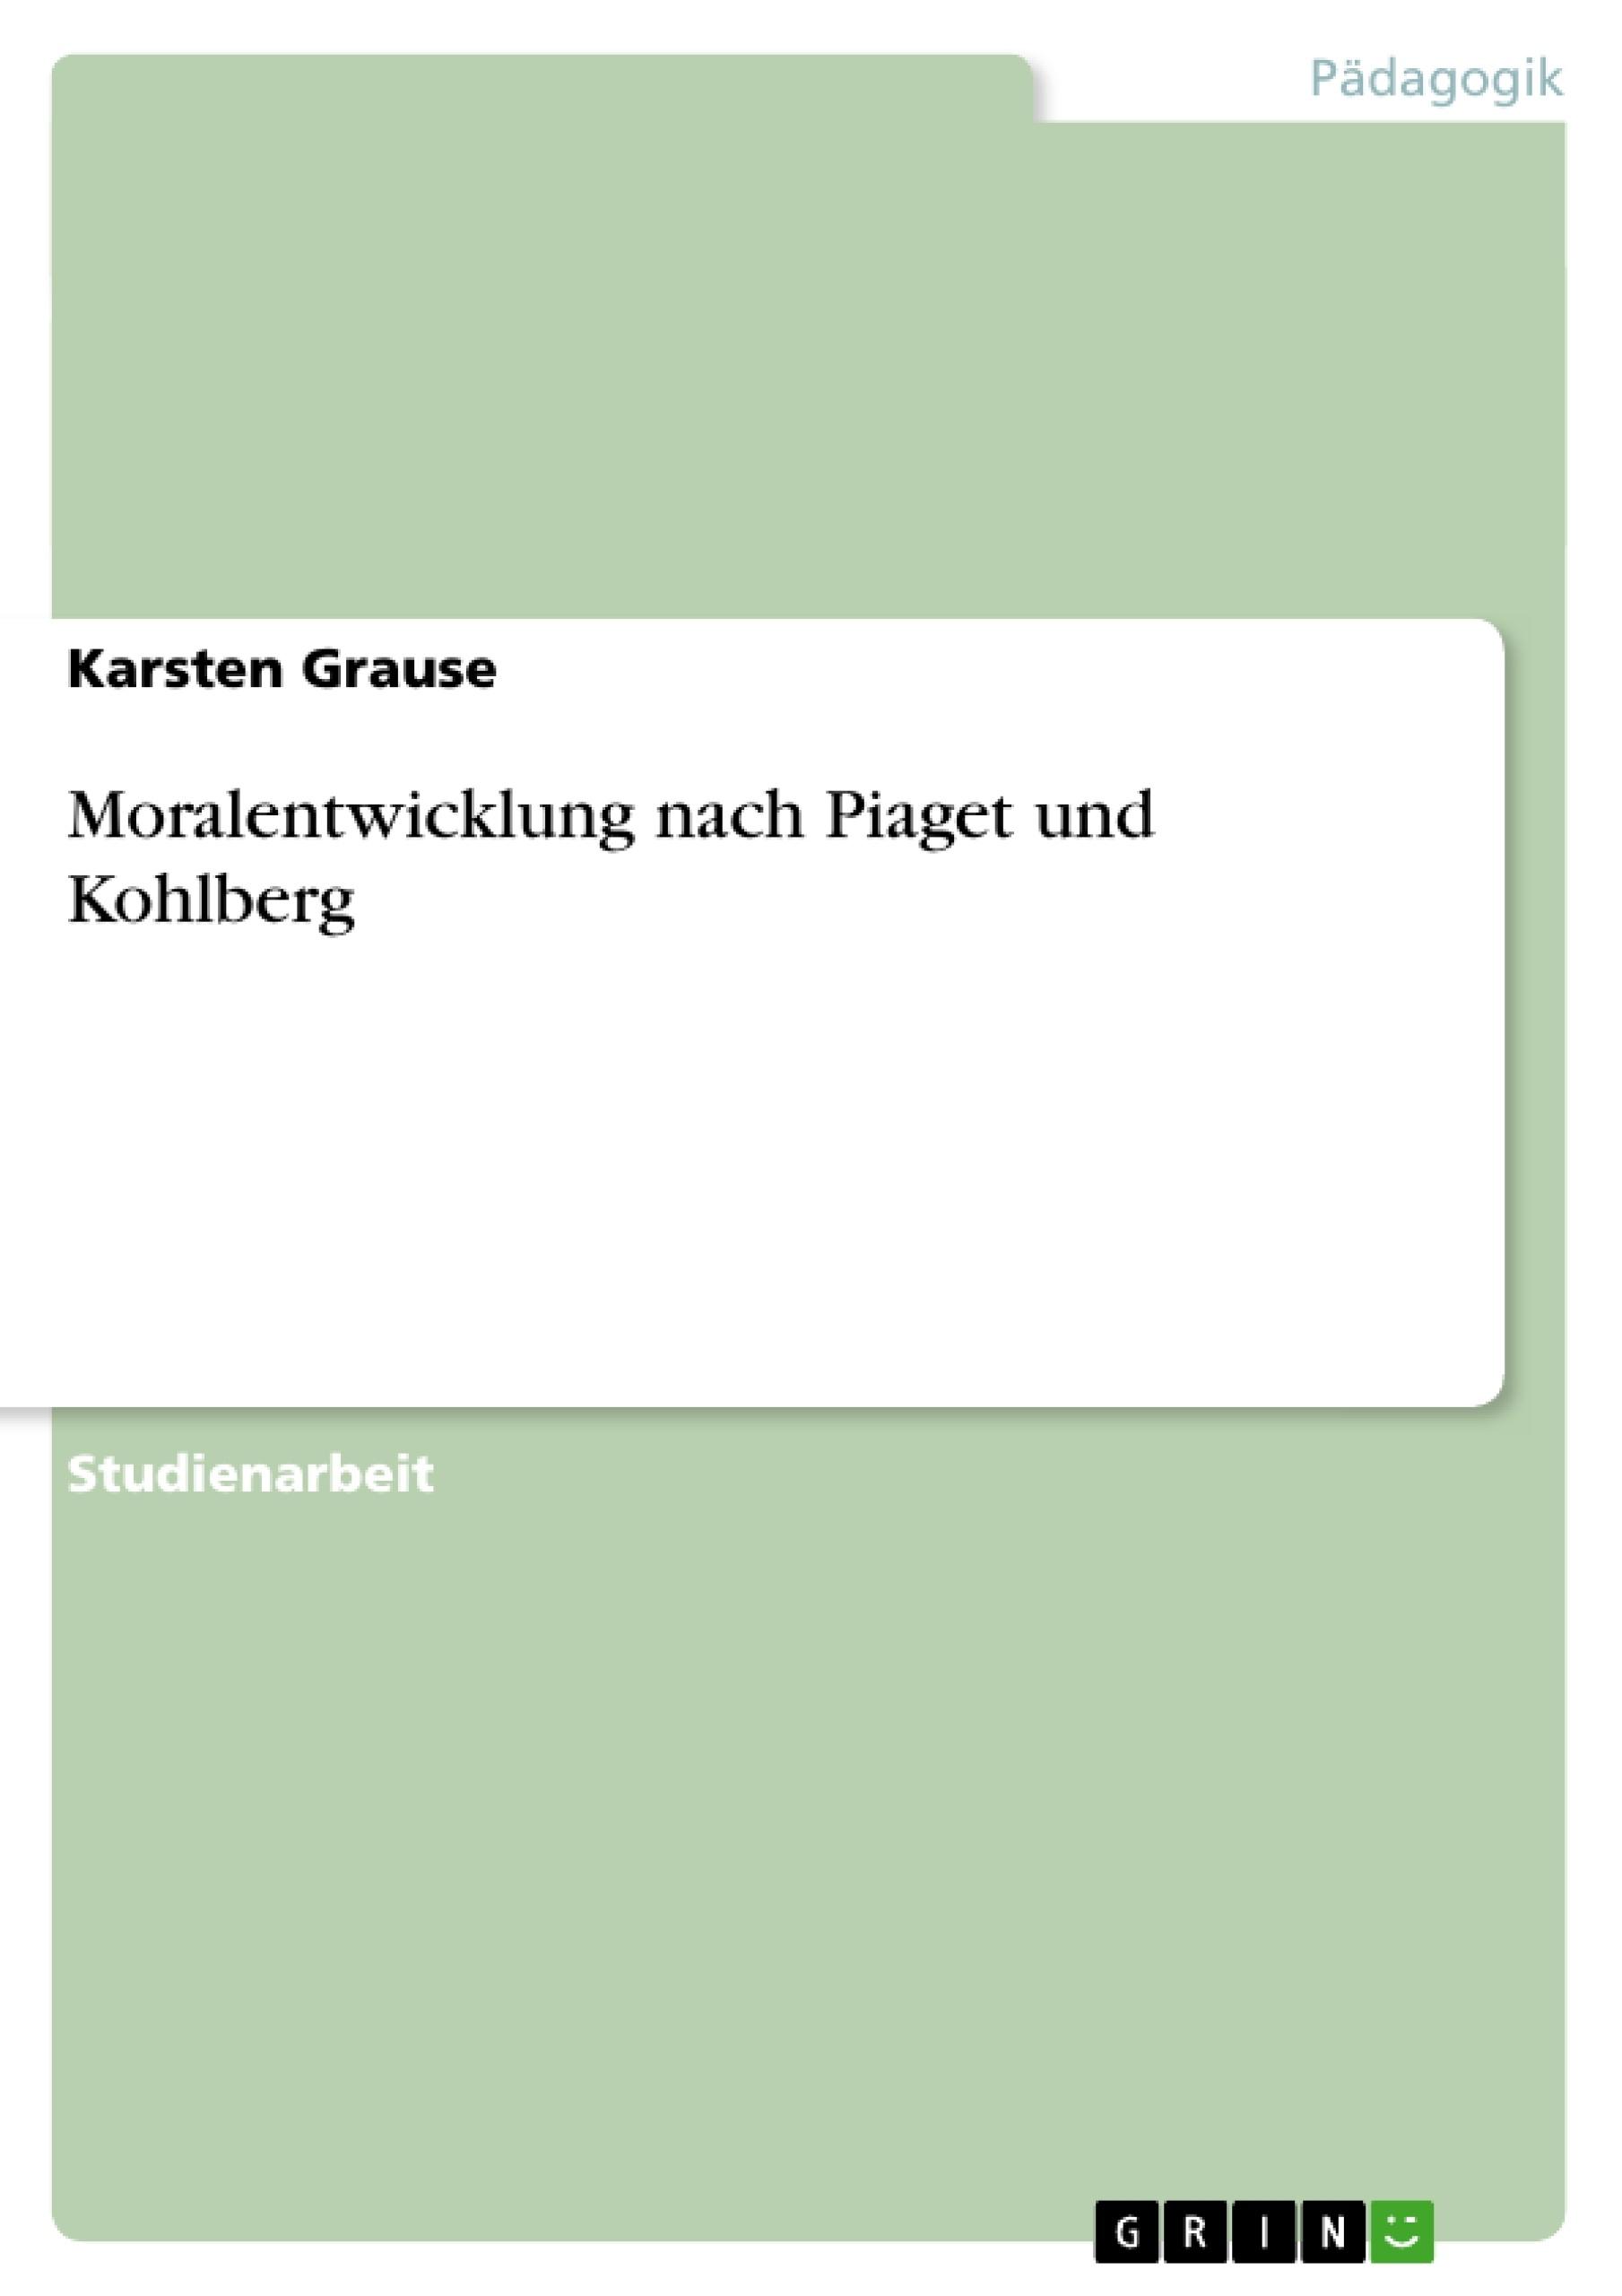 Titel: Moralentwicklung nach Piaget und Kohlberg